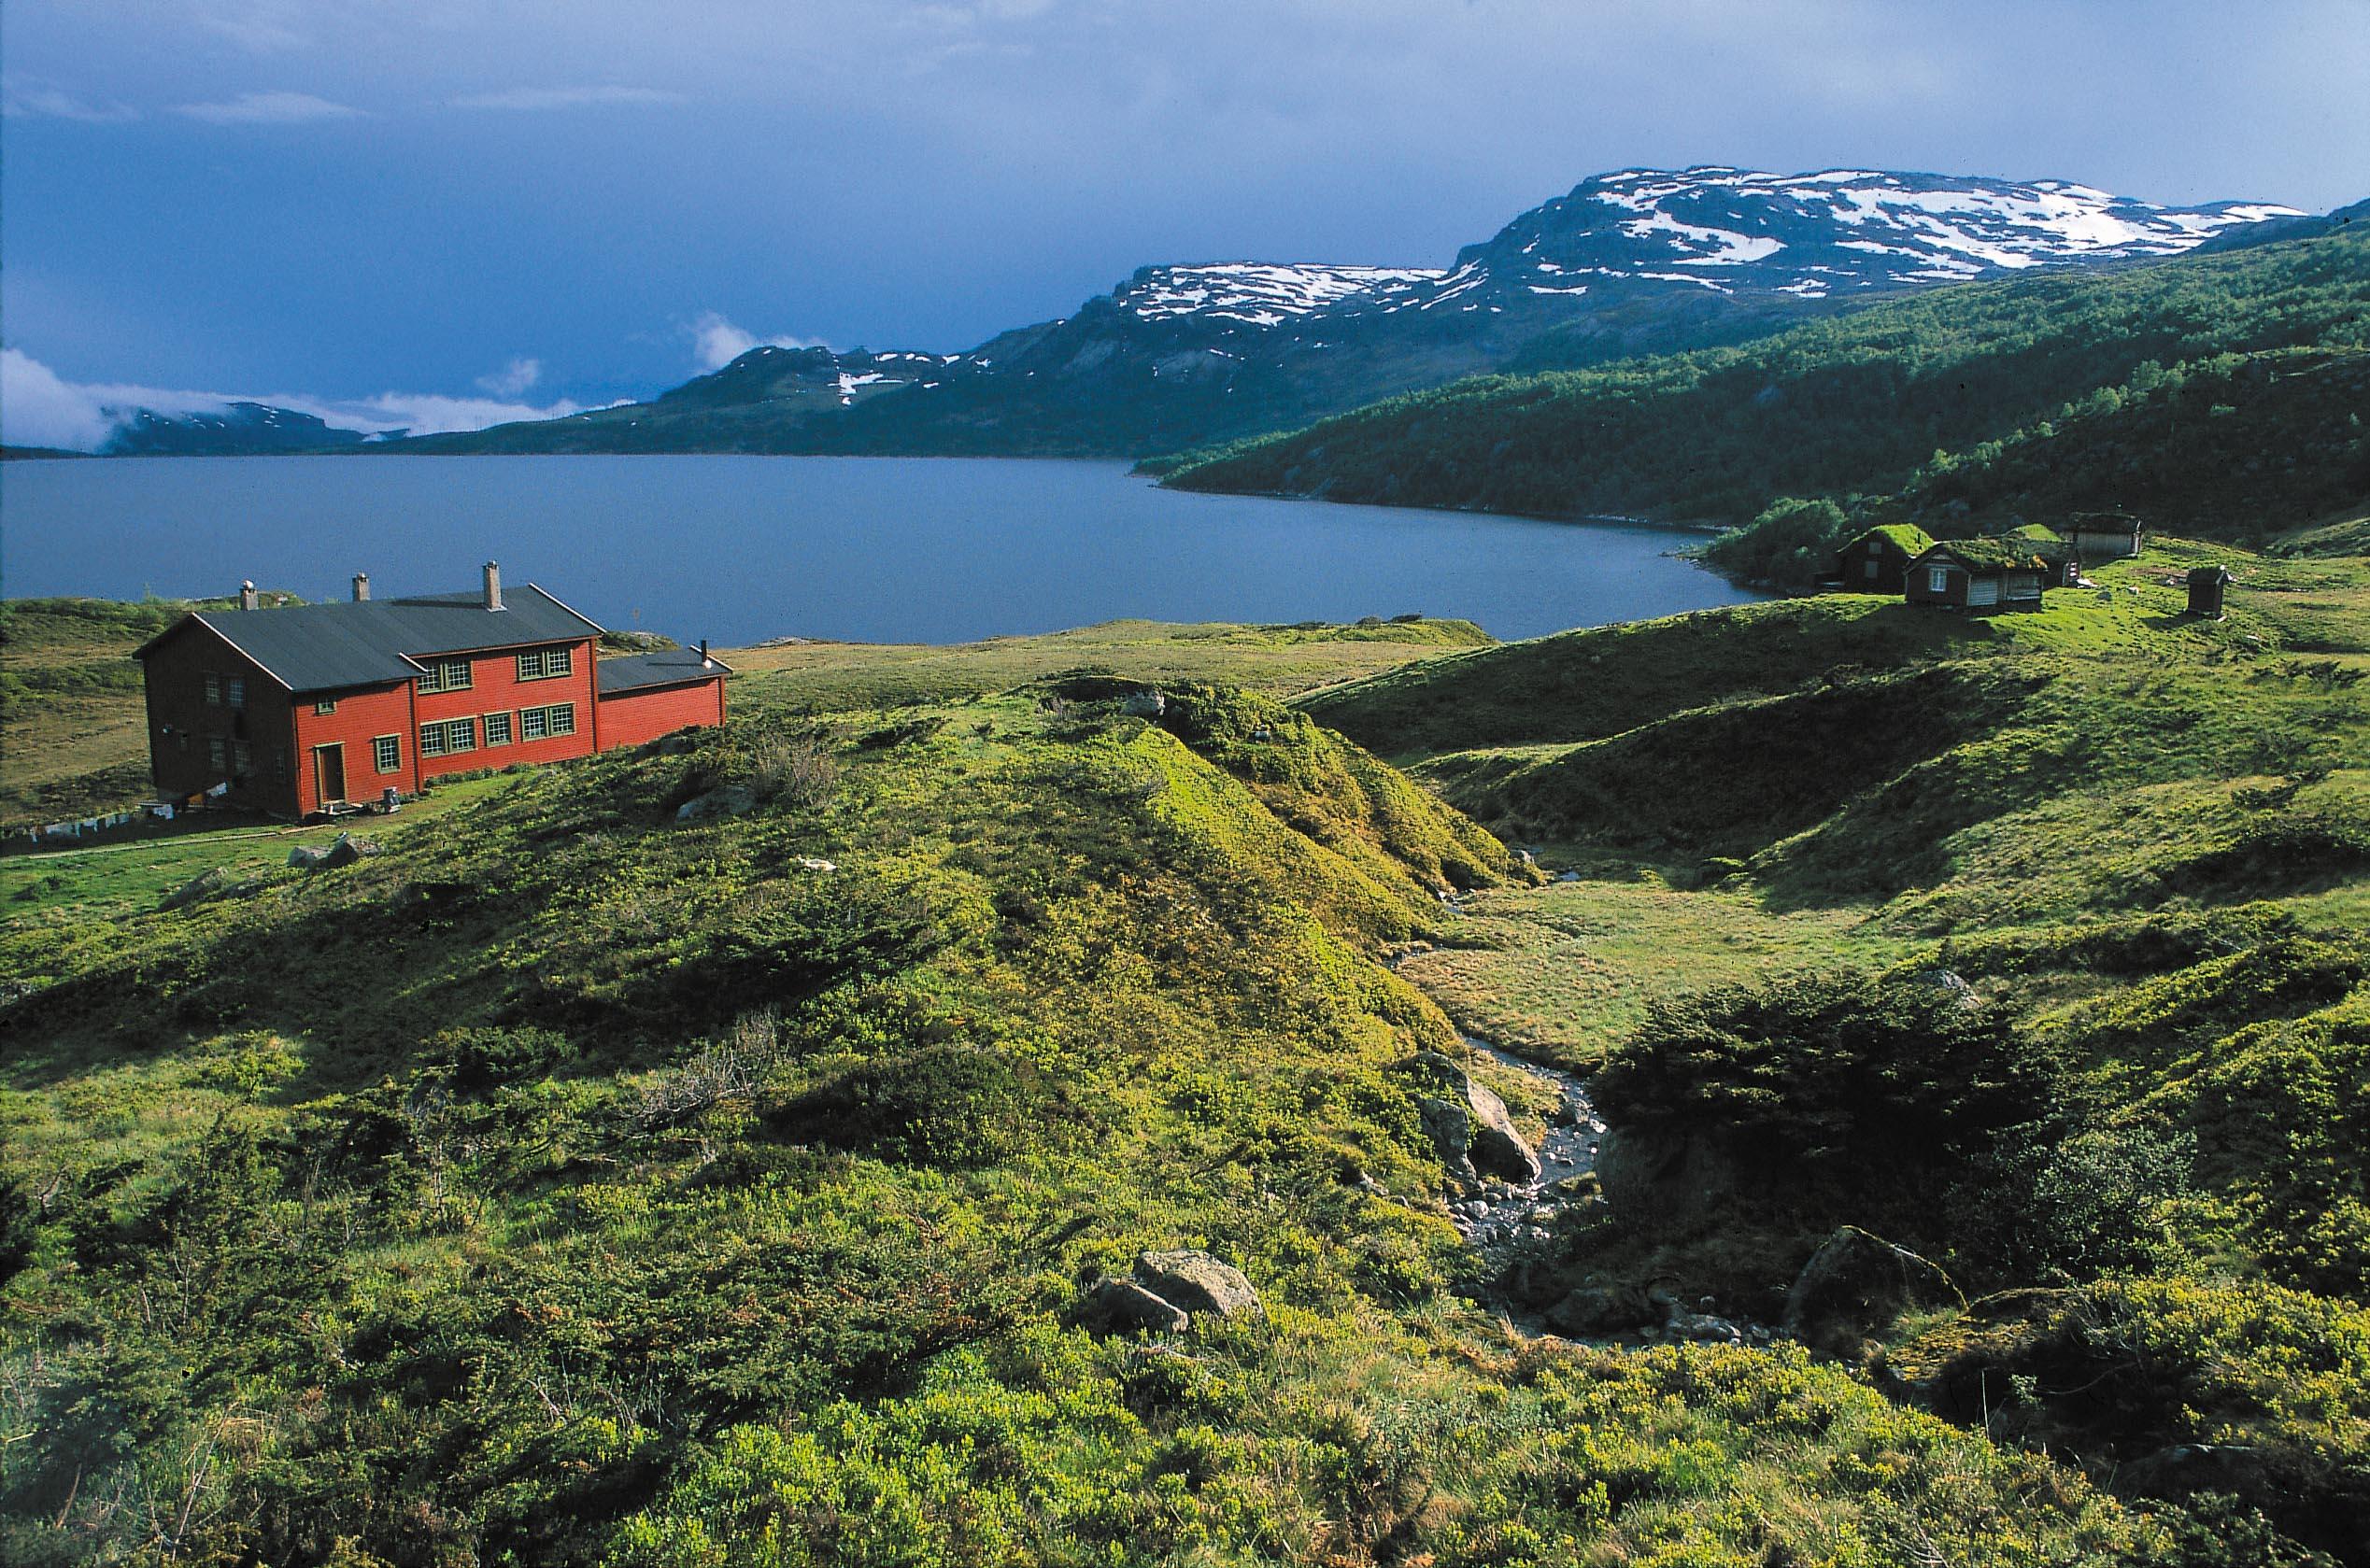 Sandsahytta er Stavanger Turistforenings største ubetjente hytte med 42 senger. Hytta egner seg ypperlig for skoleklasser og lag. Det er gode fiskemuligheter i Sandsavatnet. Foto: Stavanger Turistforening